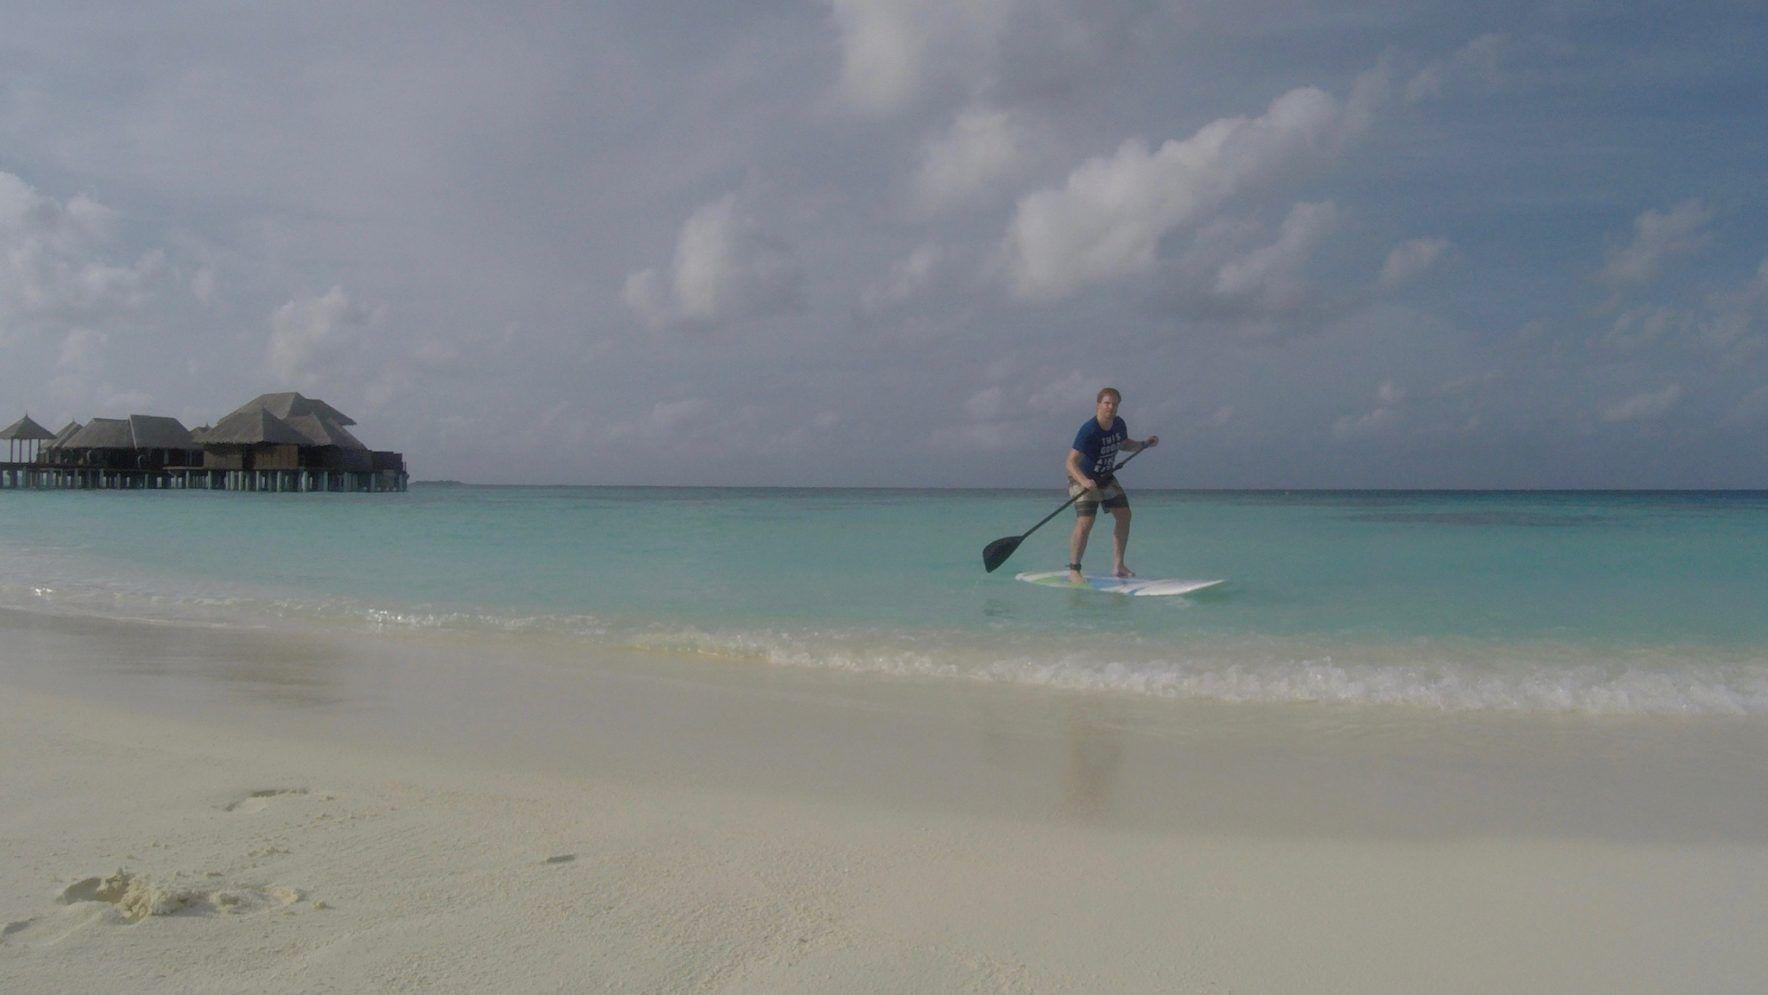 Coco Bodu Hithi: Die Lagune ist die Schokoladenseite jeder Malediven-Insel. Foto: Sascha Tegtmeyer